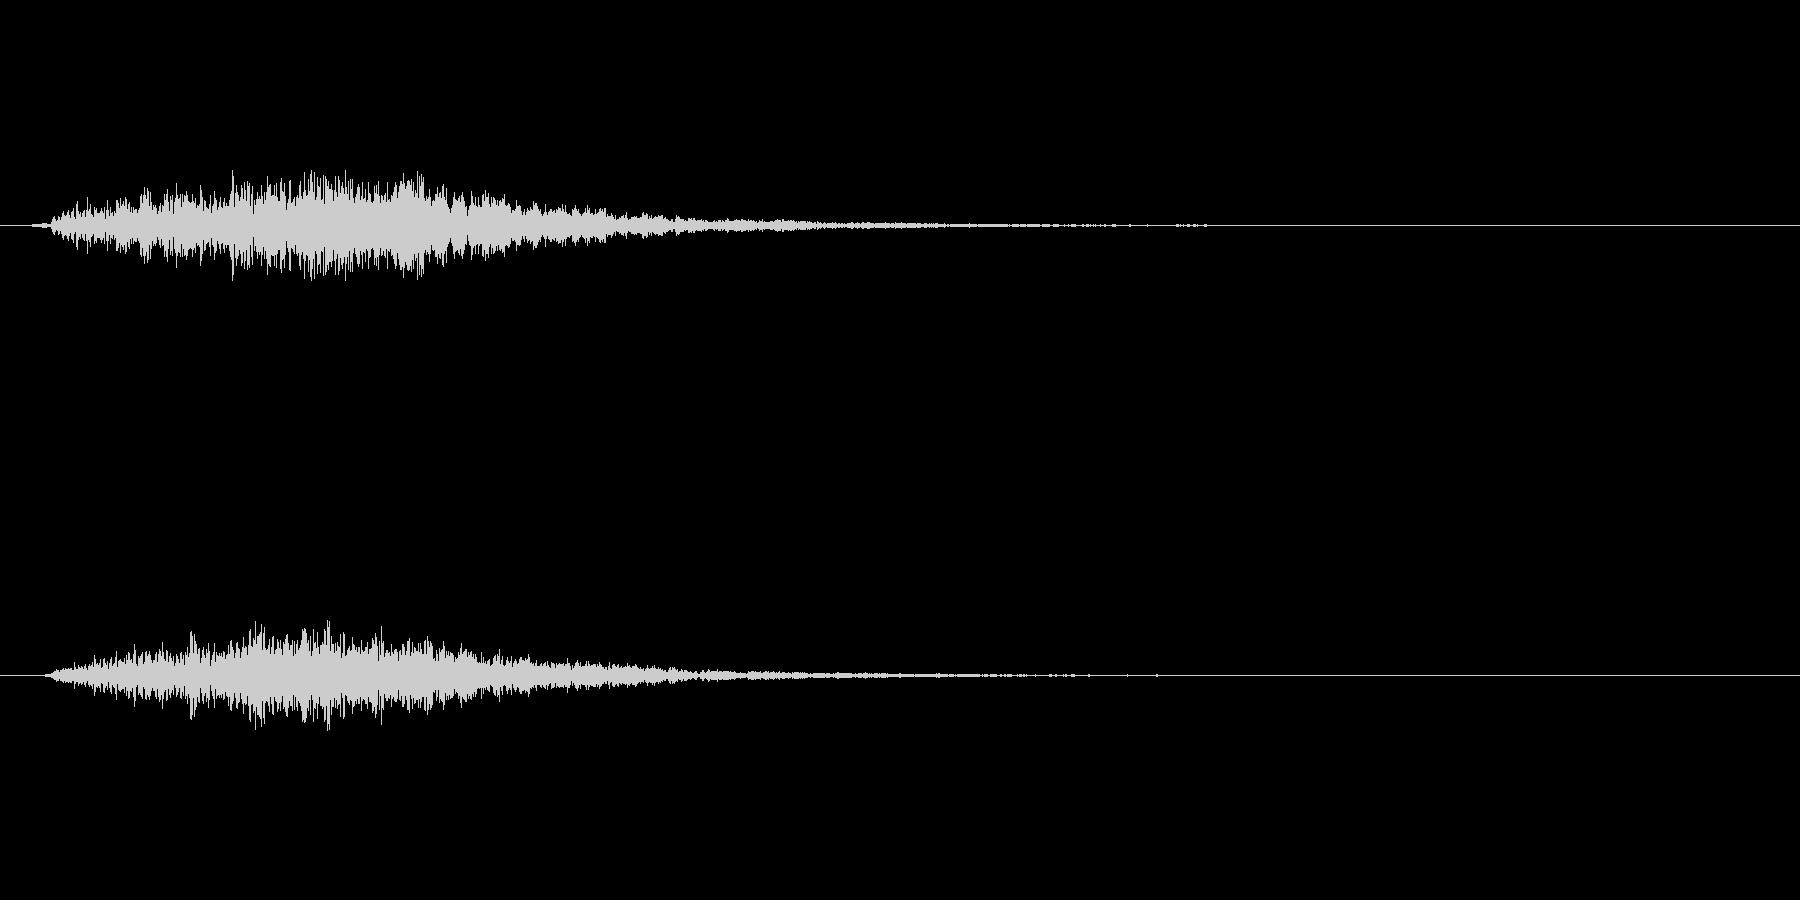 金属を打つような音ですの未再生の波形